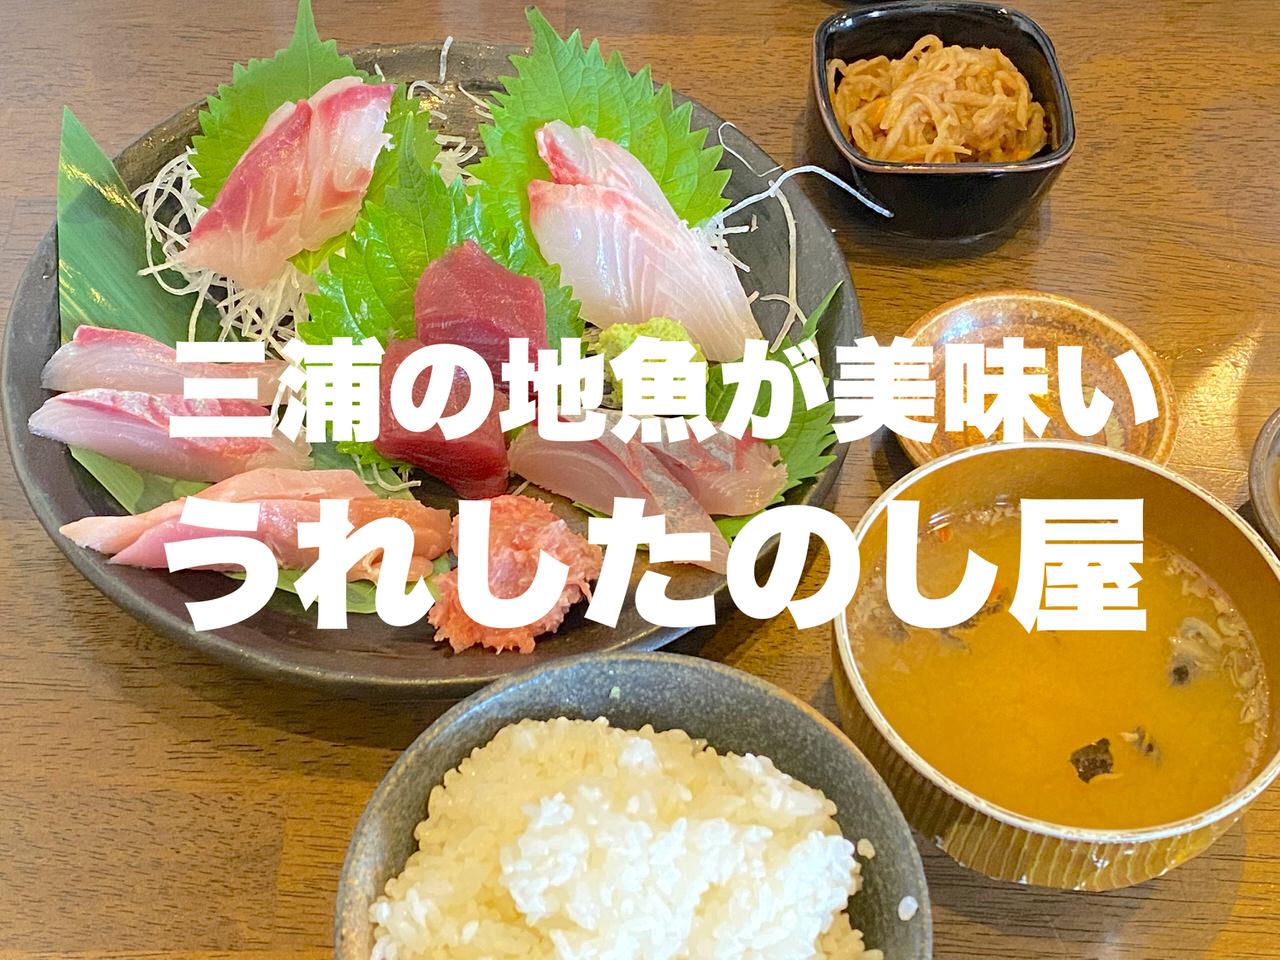 「うれしたのし屋(追浜)」ランチの三浦地魚刺身定食1,280円はお得!(横須賀)